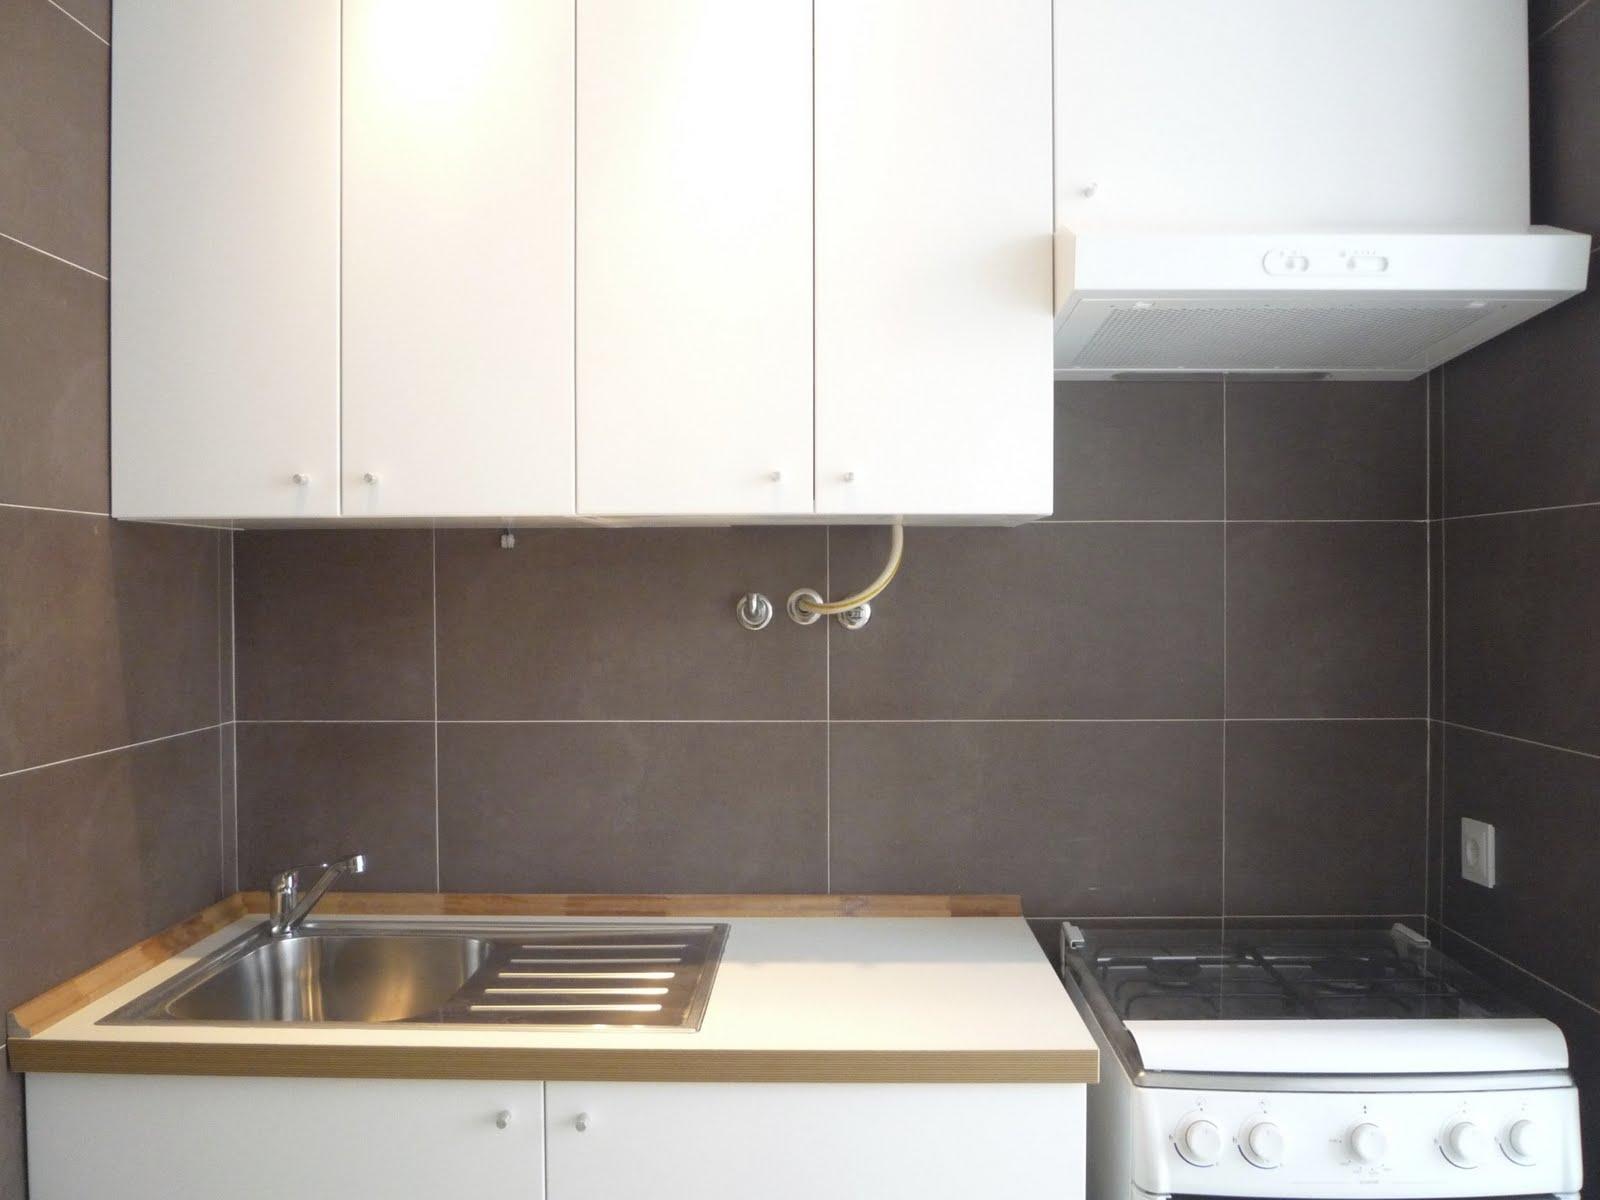 Planificação adaptação transporte e montagem de cozinhas Ikea #8F663C 1600 1200